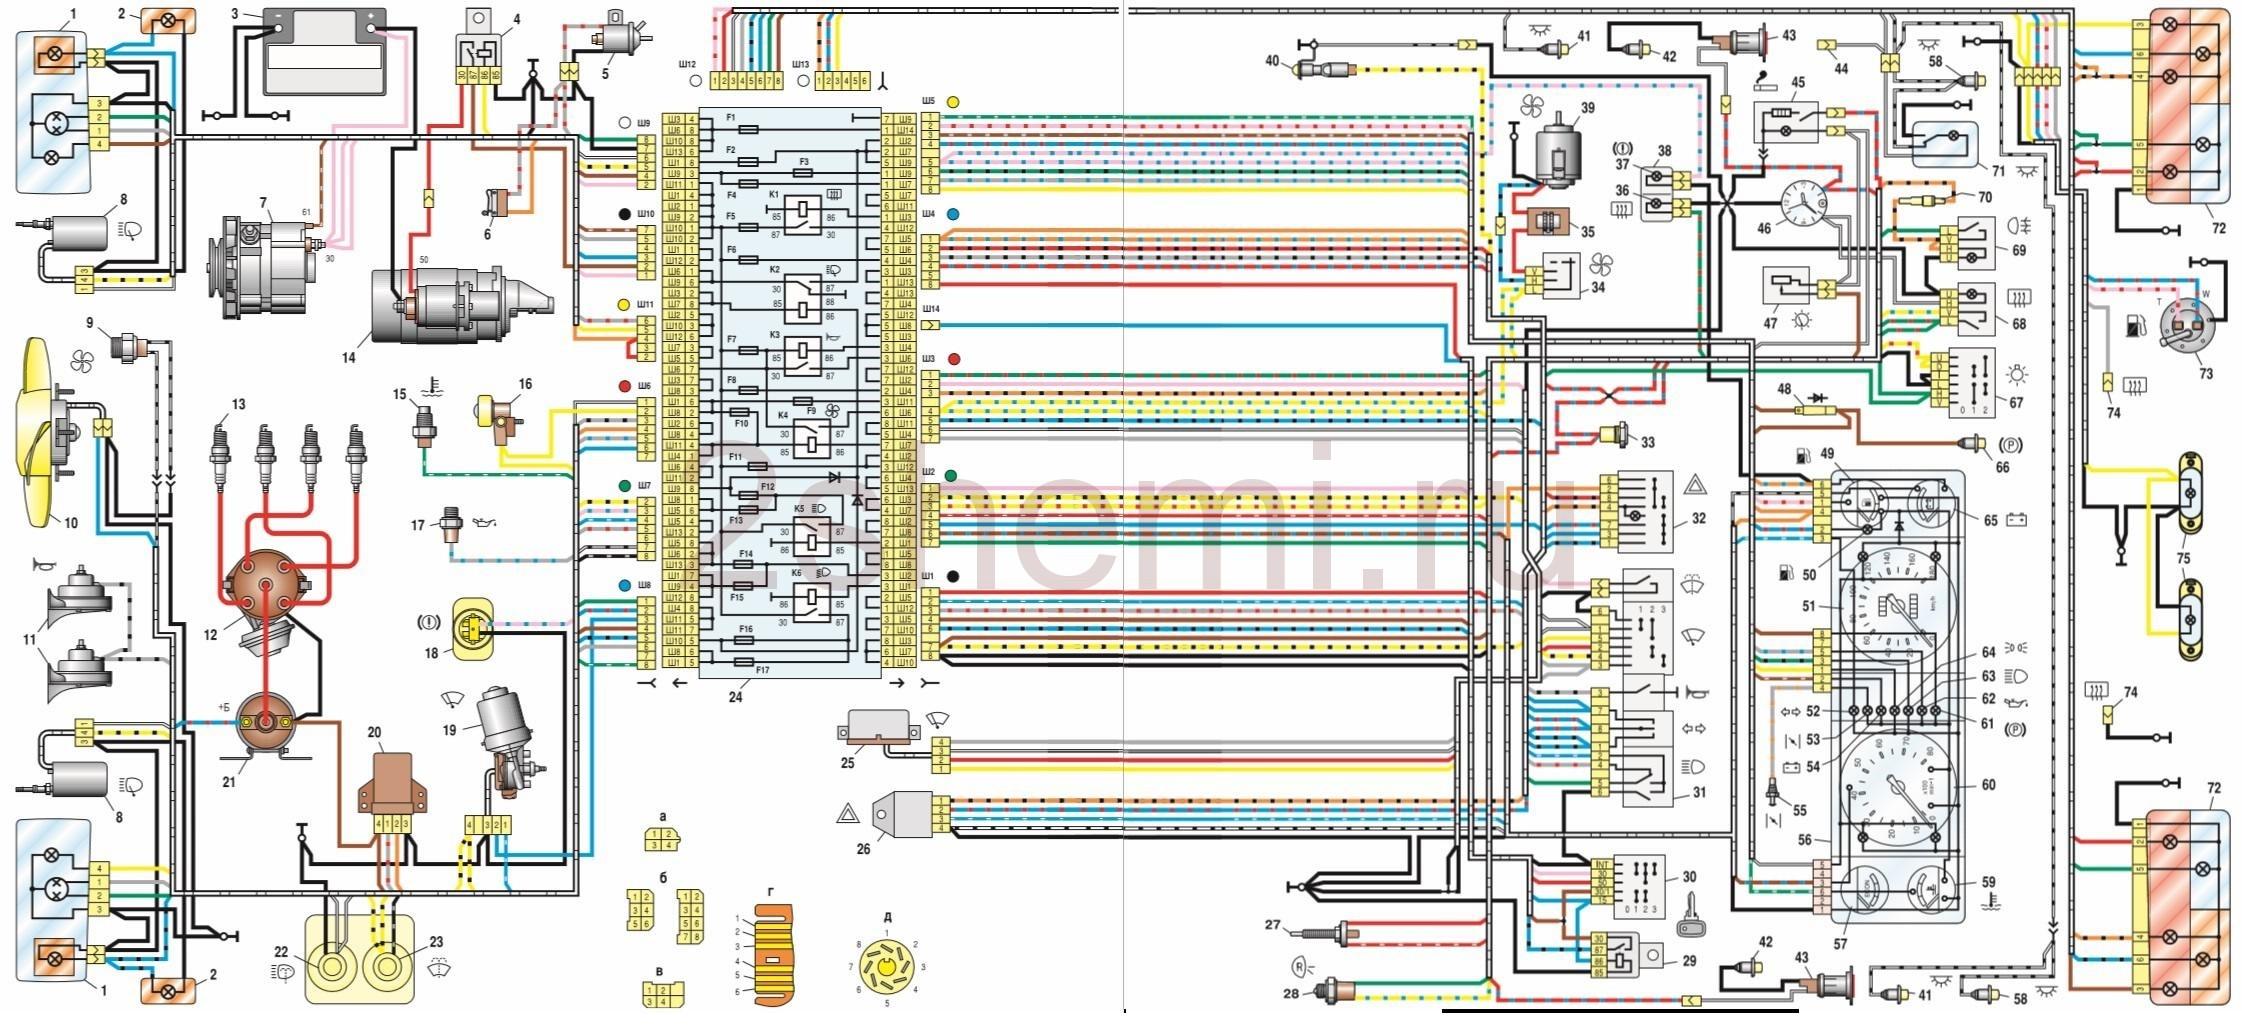 Схема и распиновка блоков предохранителей автомобилей ВАЗ